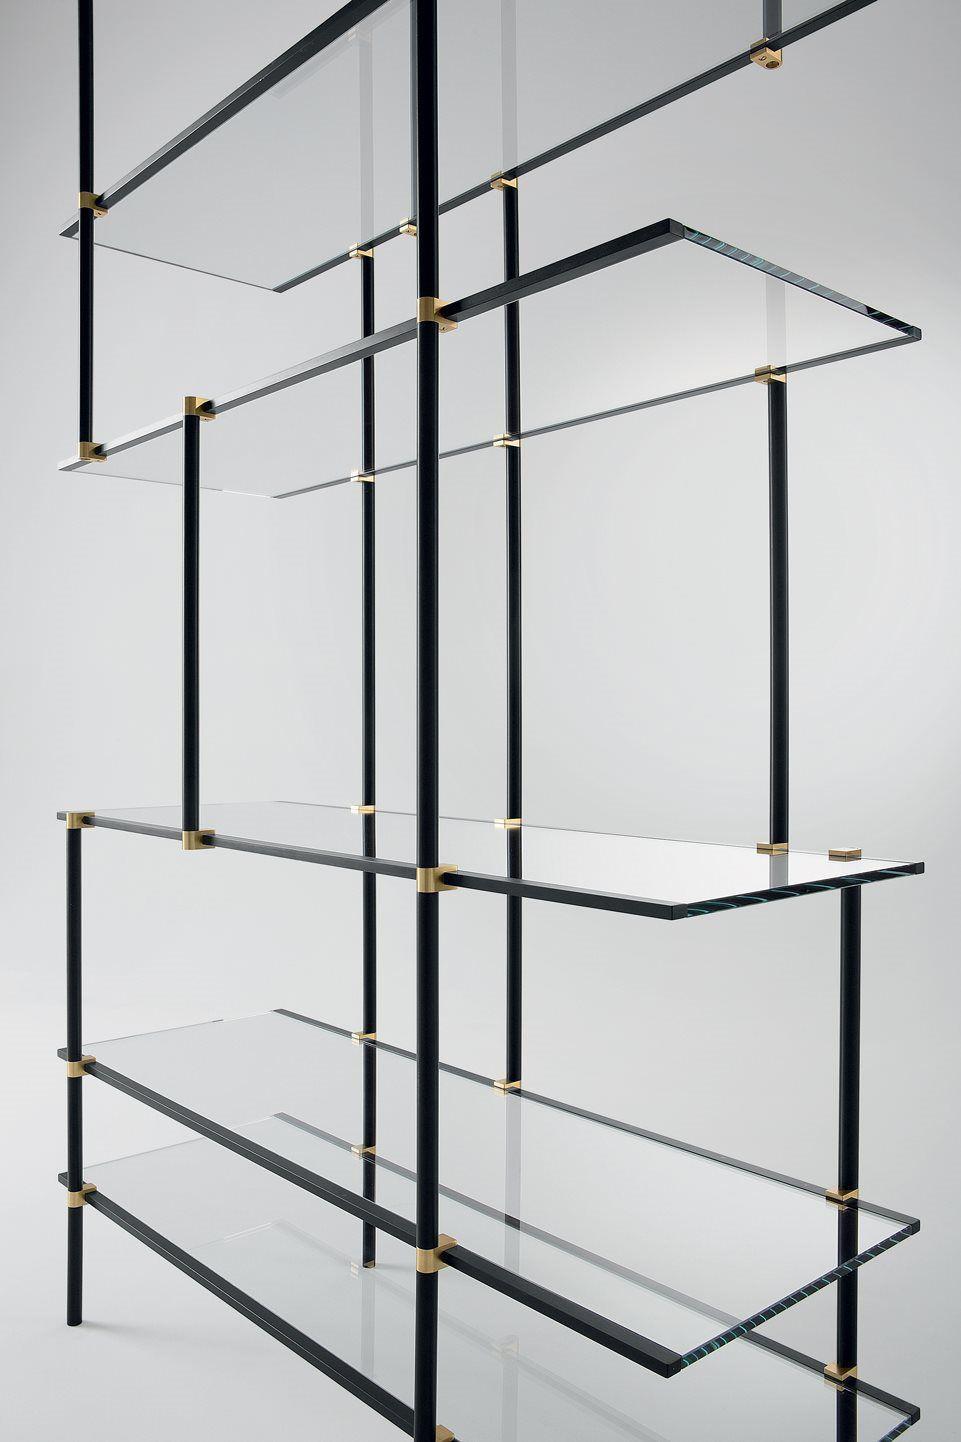 Sympathisch Regal Glas Galerie Von Best Modernes Aluminium Vorderseite Aus Hartglas Drizzle